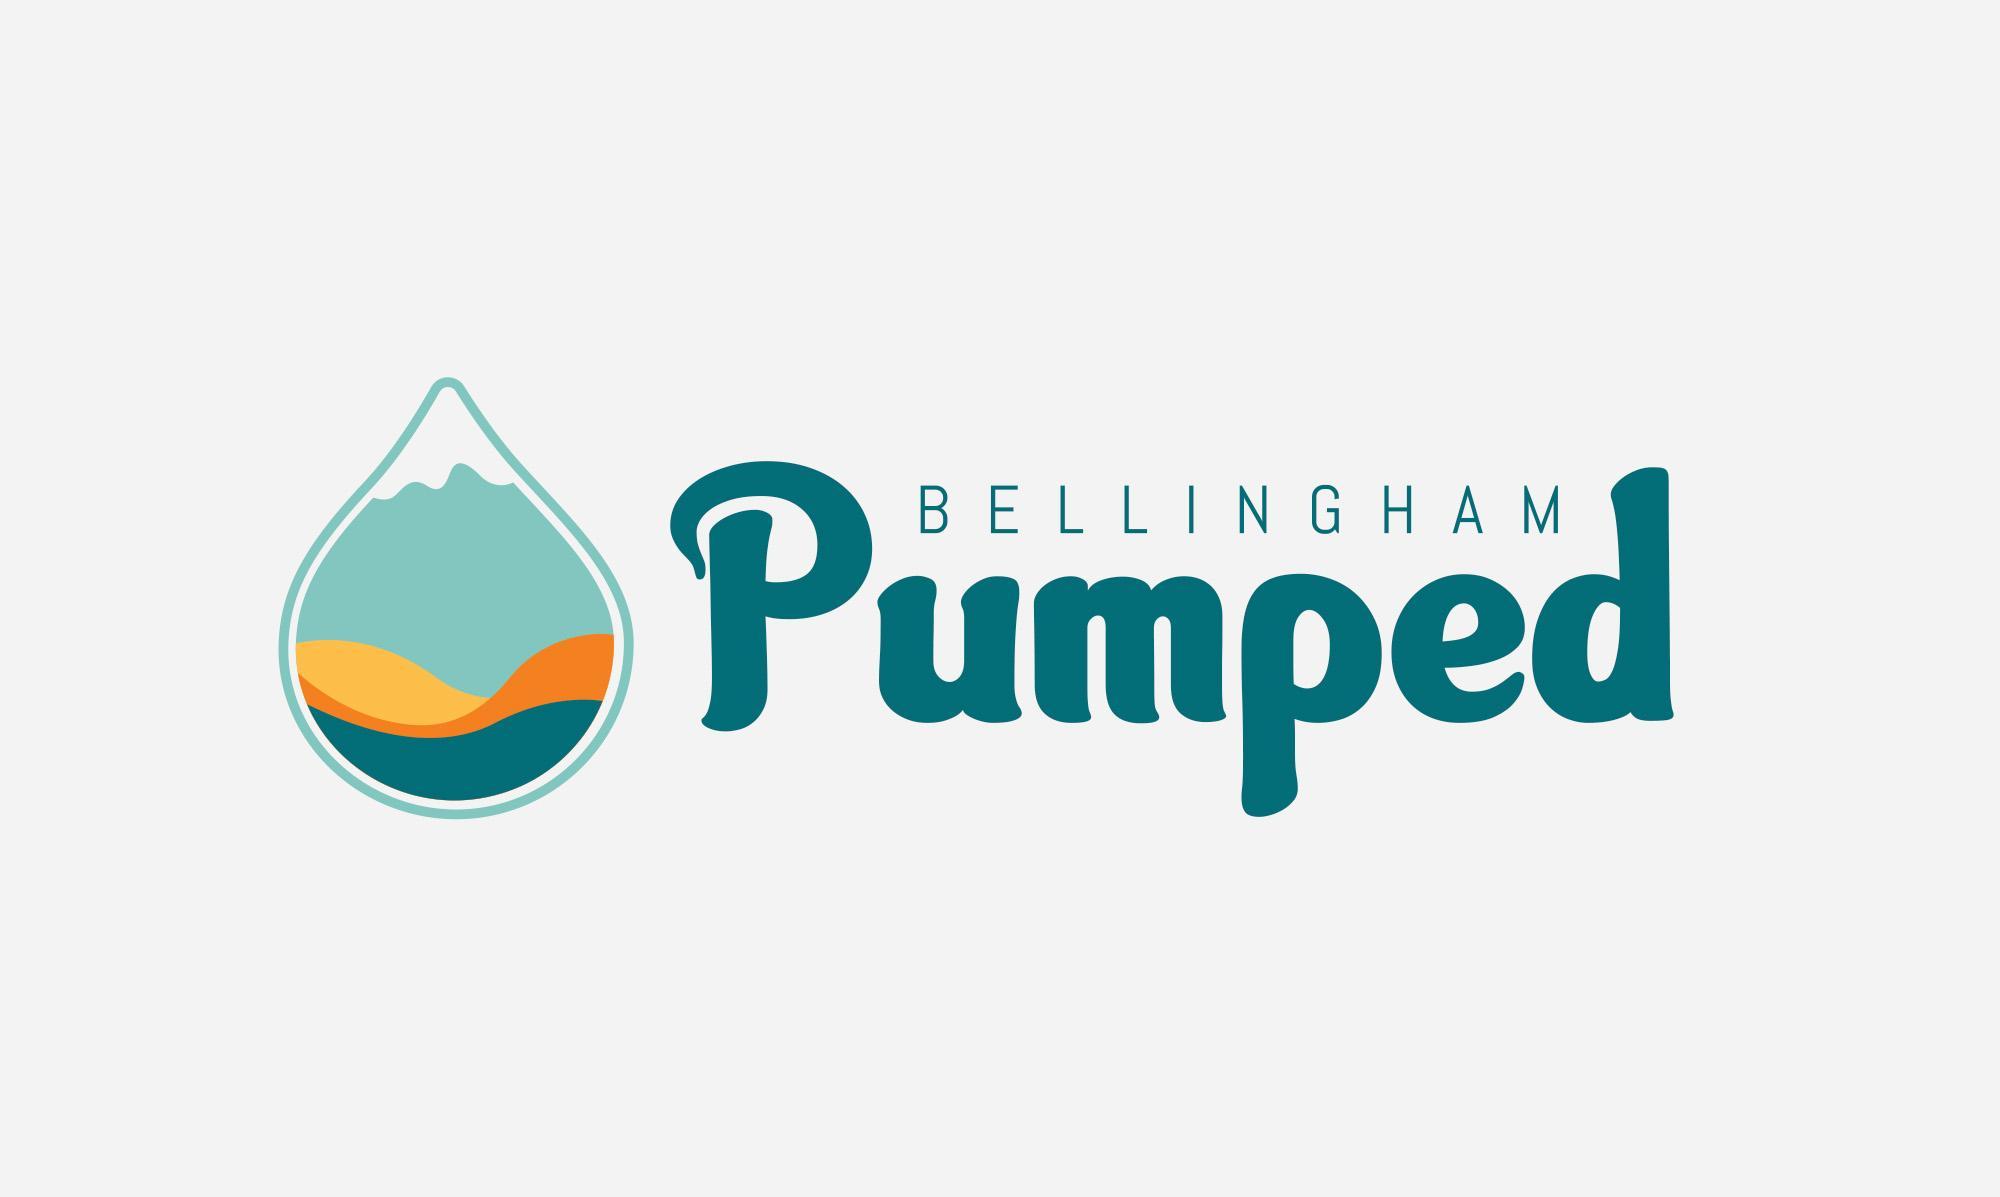 Pumped Bellingham Logo Design